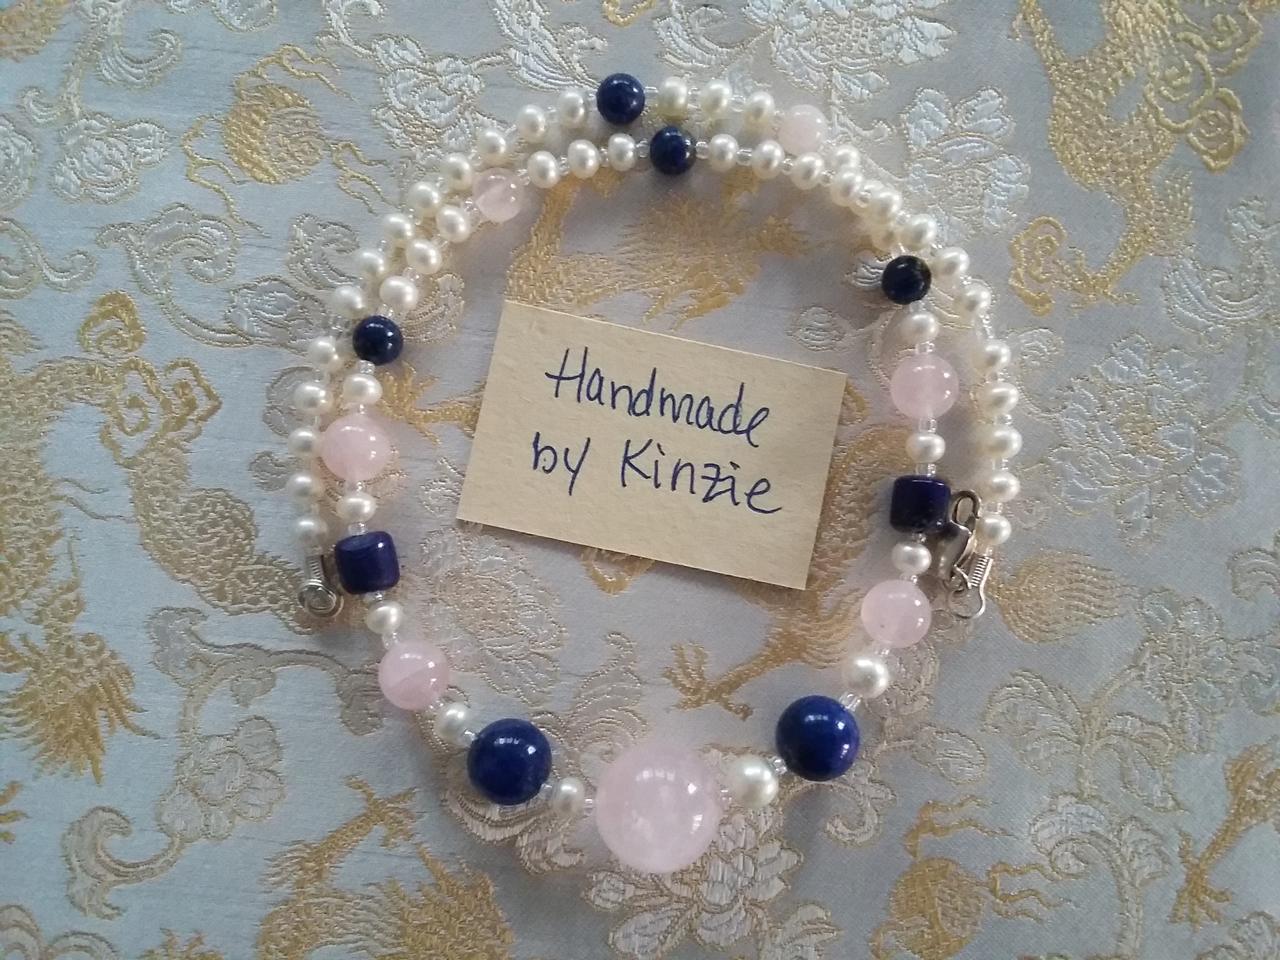 Lapis, rose quartz and pearls